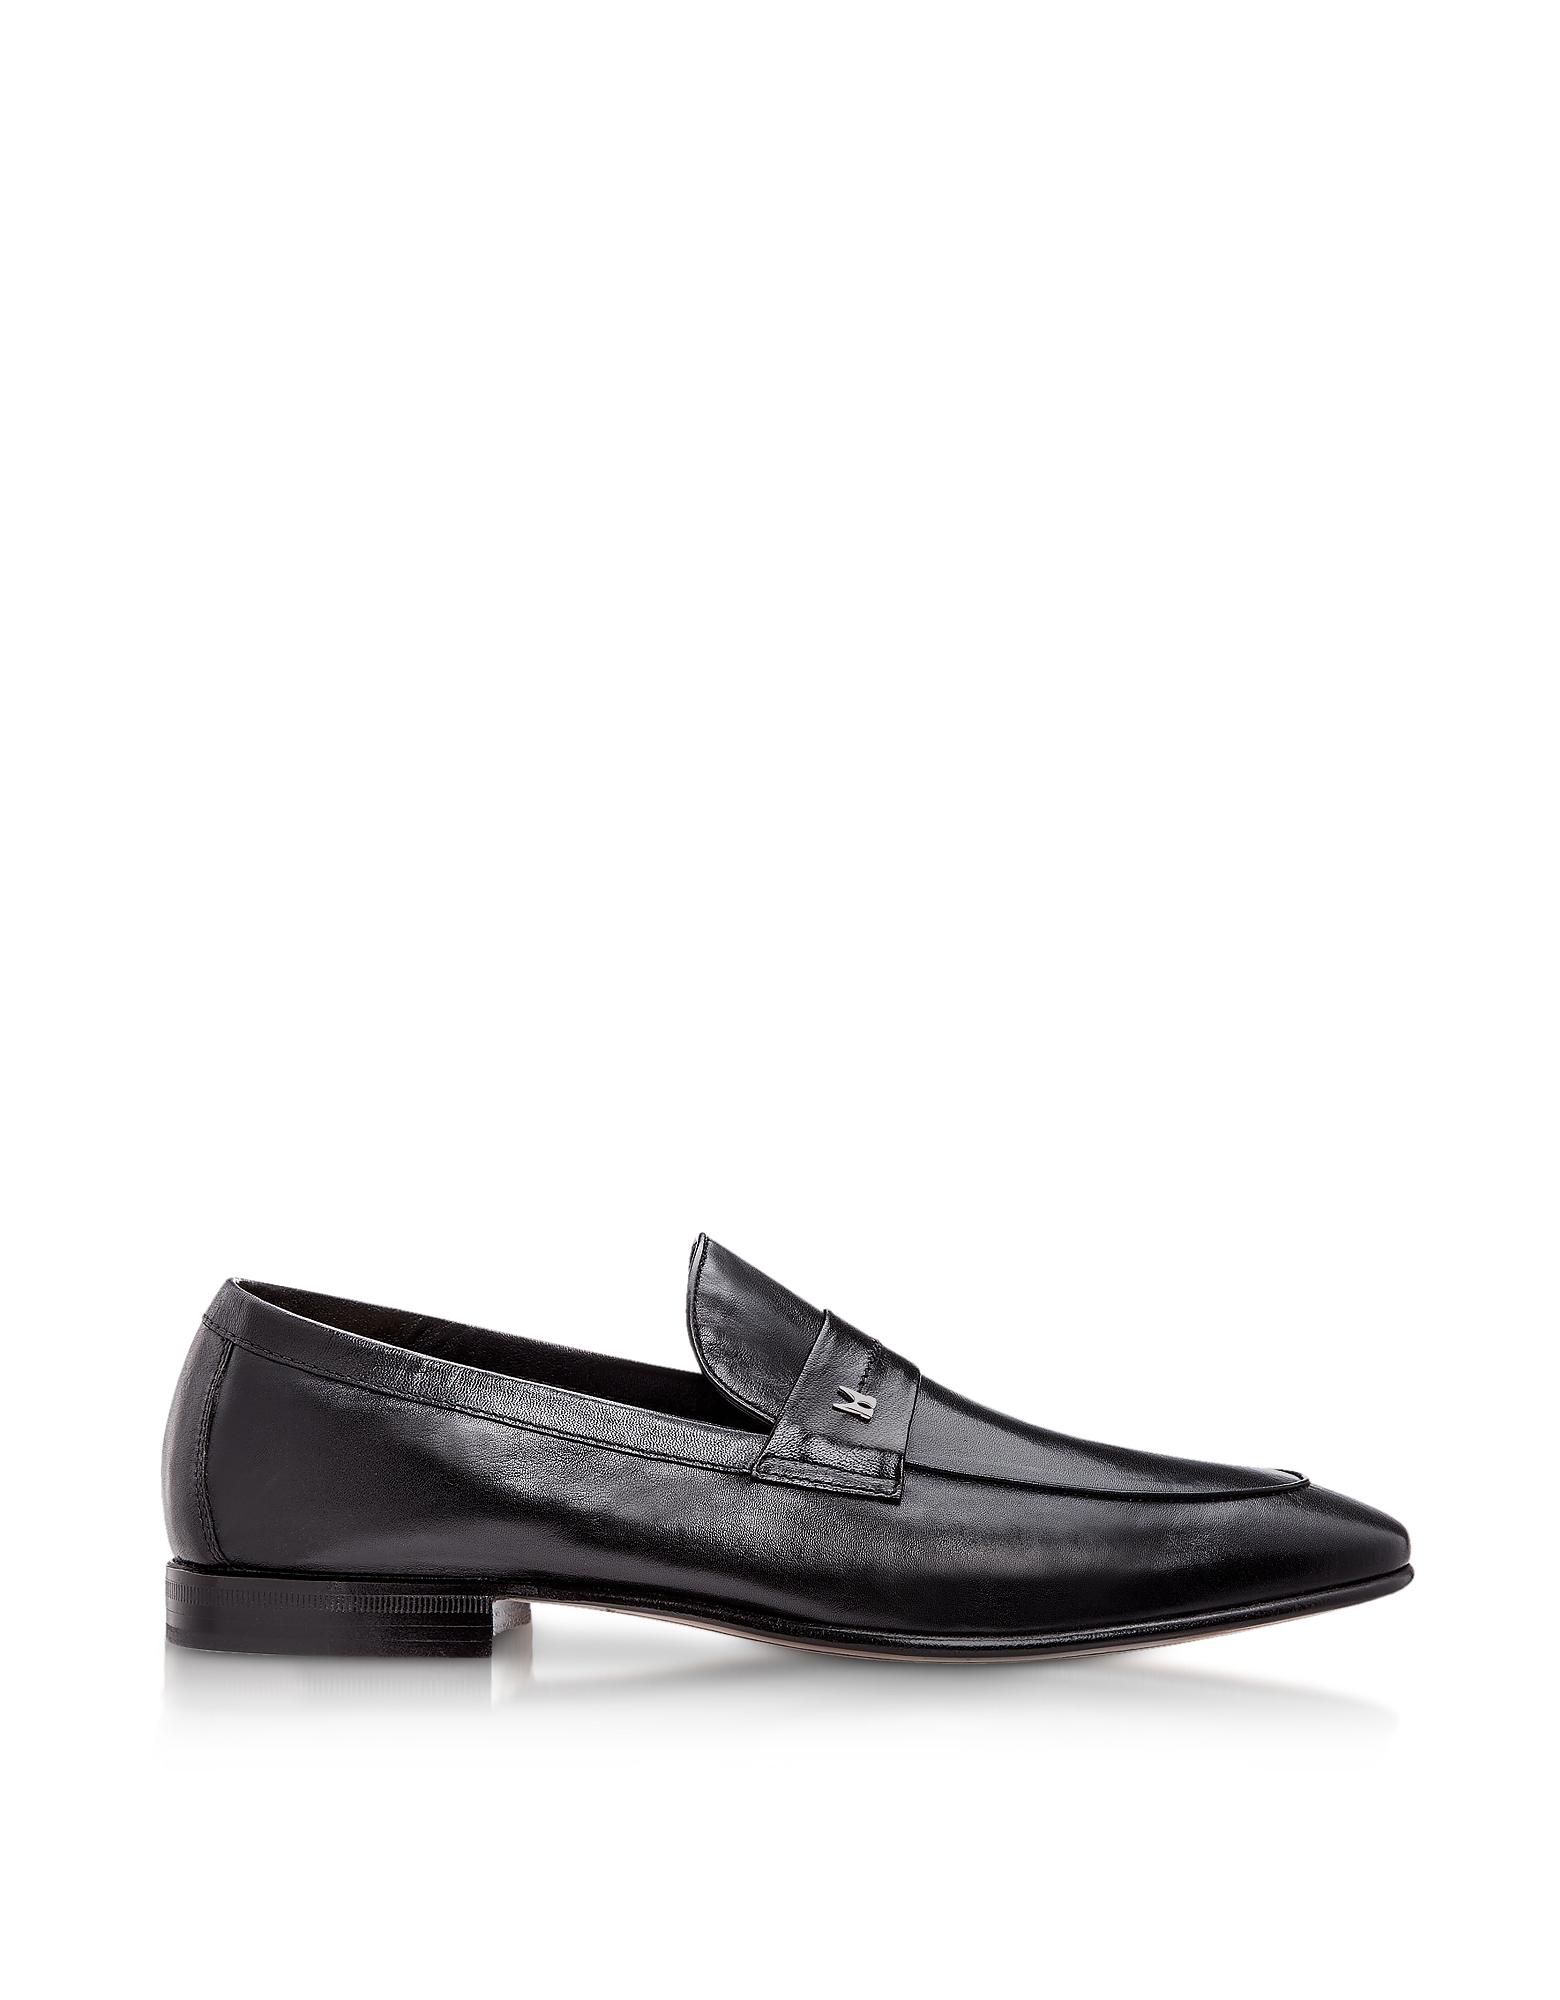 Moreschi Shoes, Brisbane Black M Kangaroo Leather Loafer Shoes